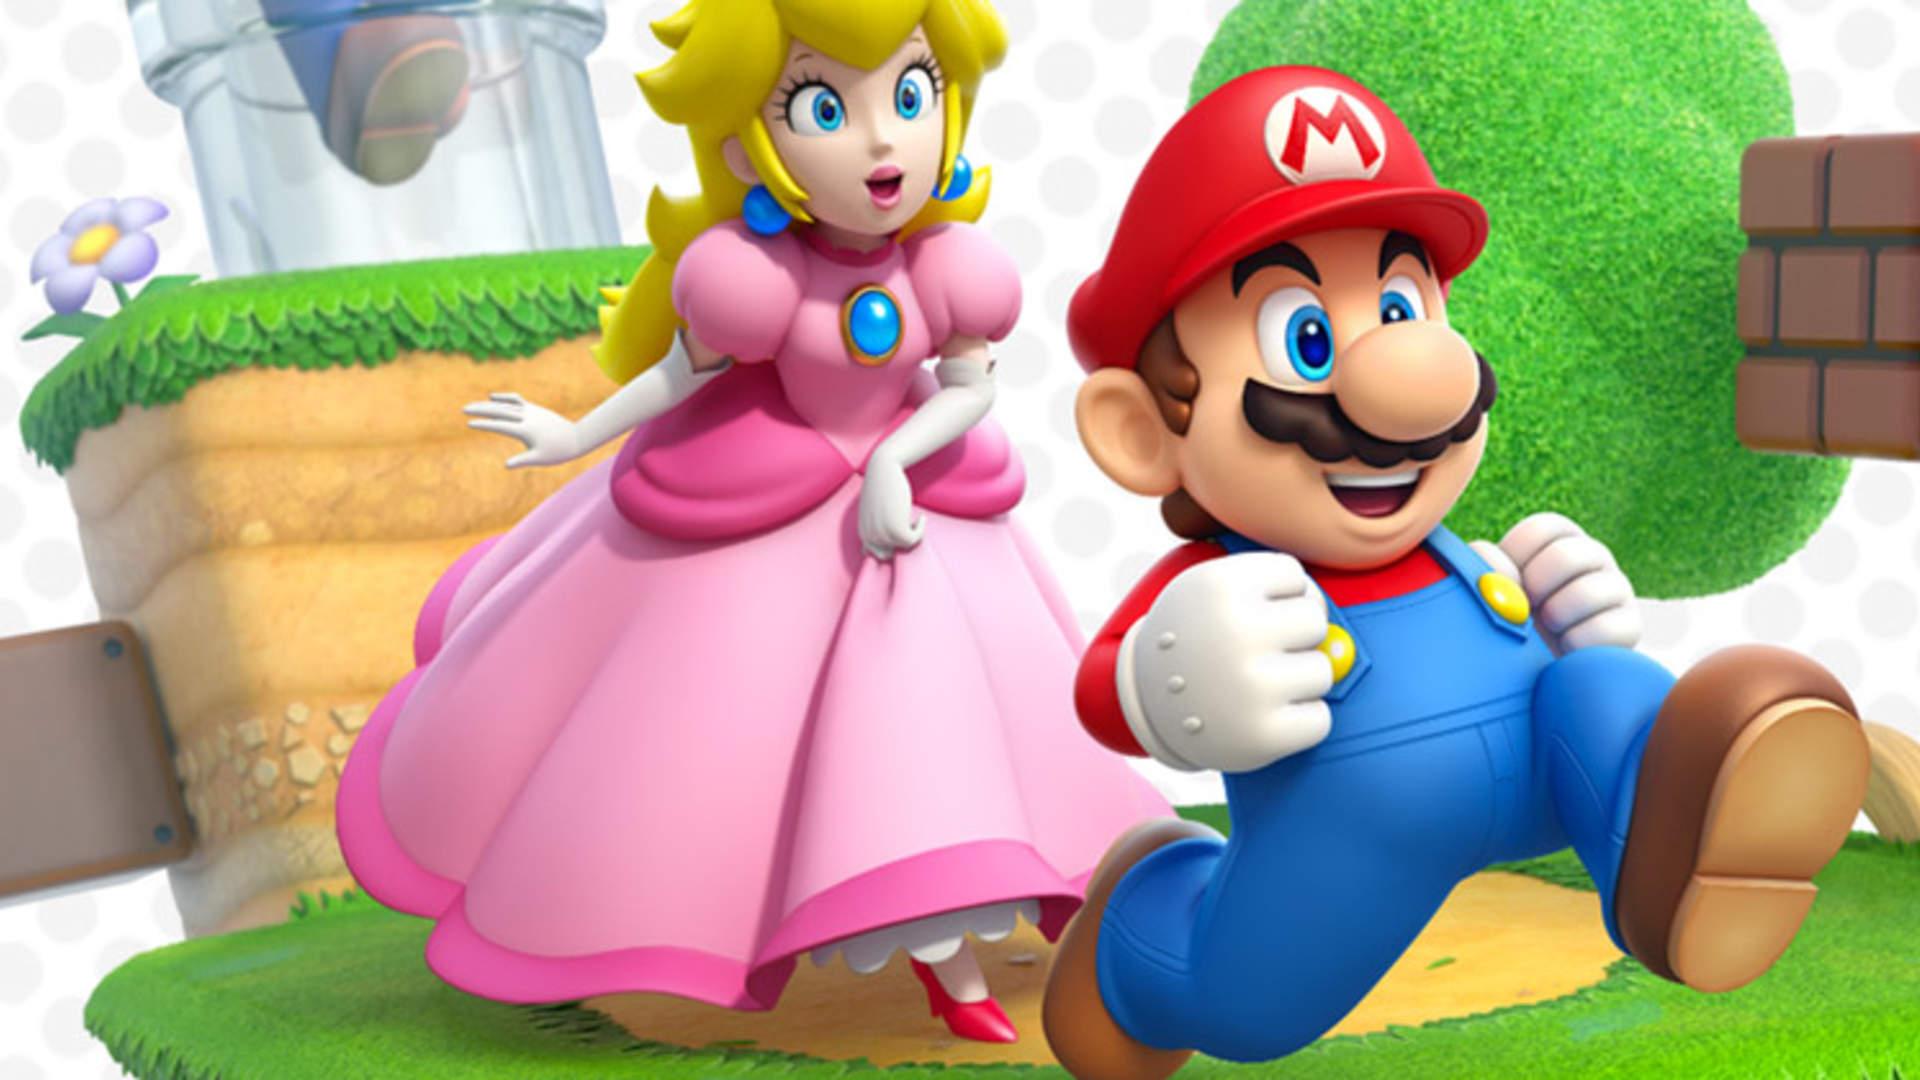 Super Mario 3-D updates